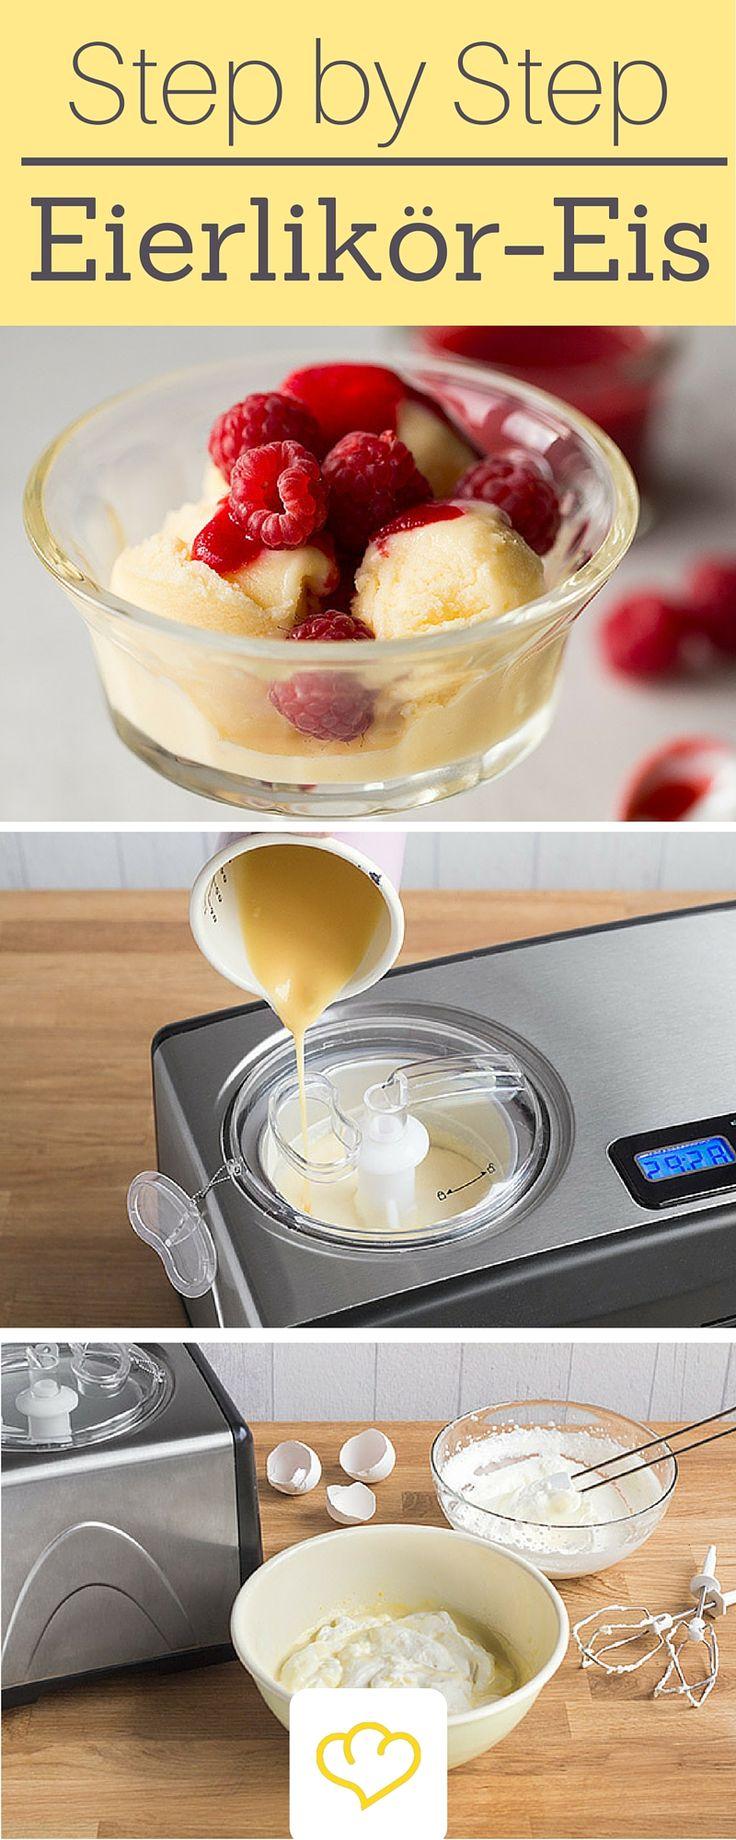 Kennt ihr schon dieses tolle Eierlikör-Rezept: Wir zeigen Schritt für Schritt wie ihr Eierlikör-Eis zuhause selber herstellen könnt!